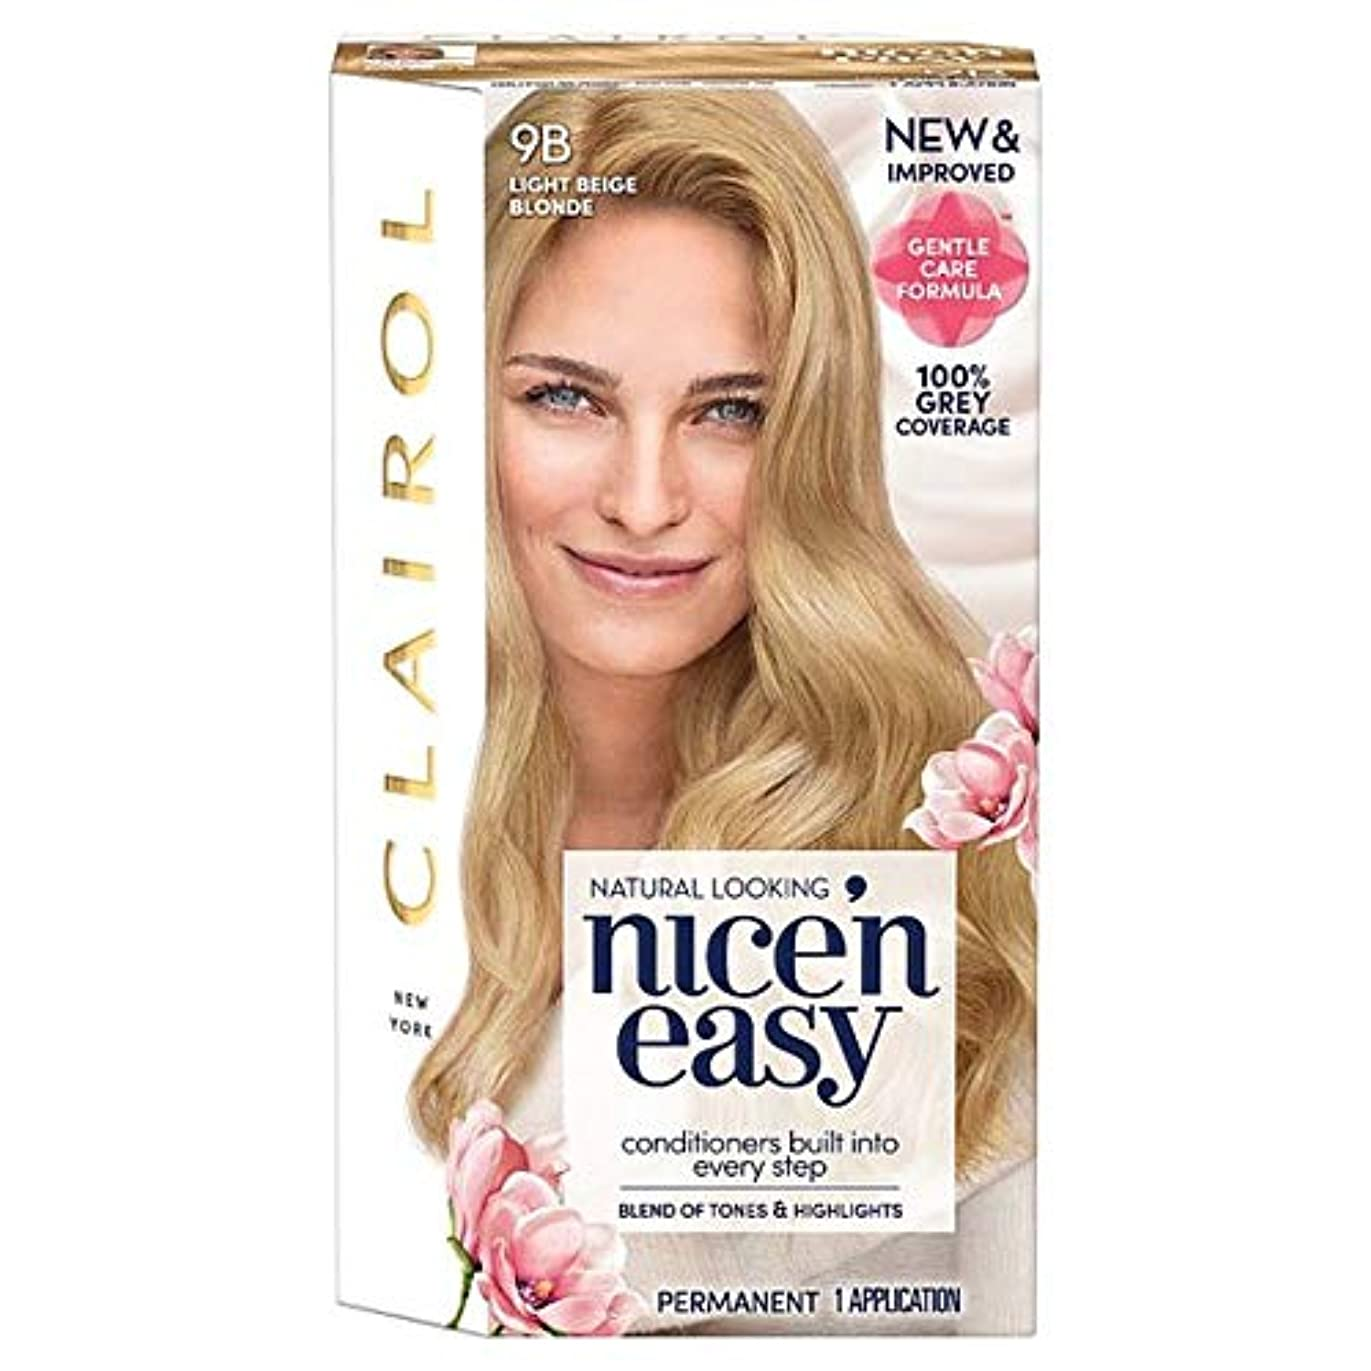 崖救援法律により[Nice'n Easy] クレイロール素敵な「N簡単にライトベージュブロンド9Bの染毛剤 - Clairol Nice 'N Easy Light Beige Blonde 9B Hair Dye [並行輸入品]